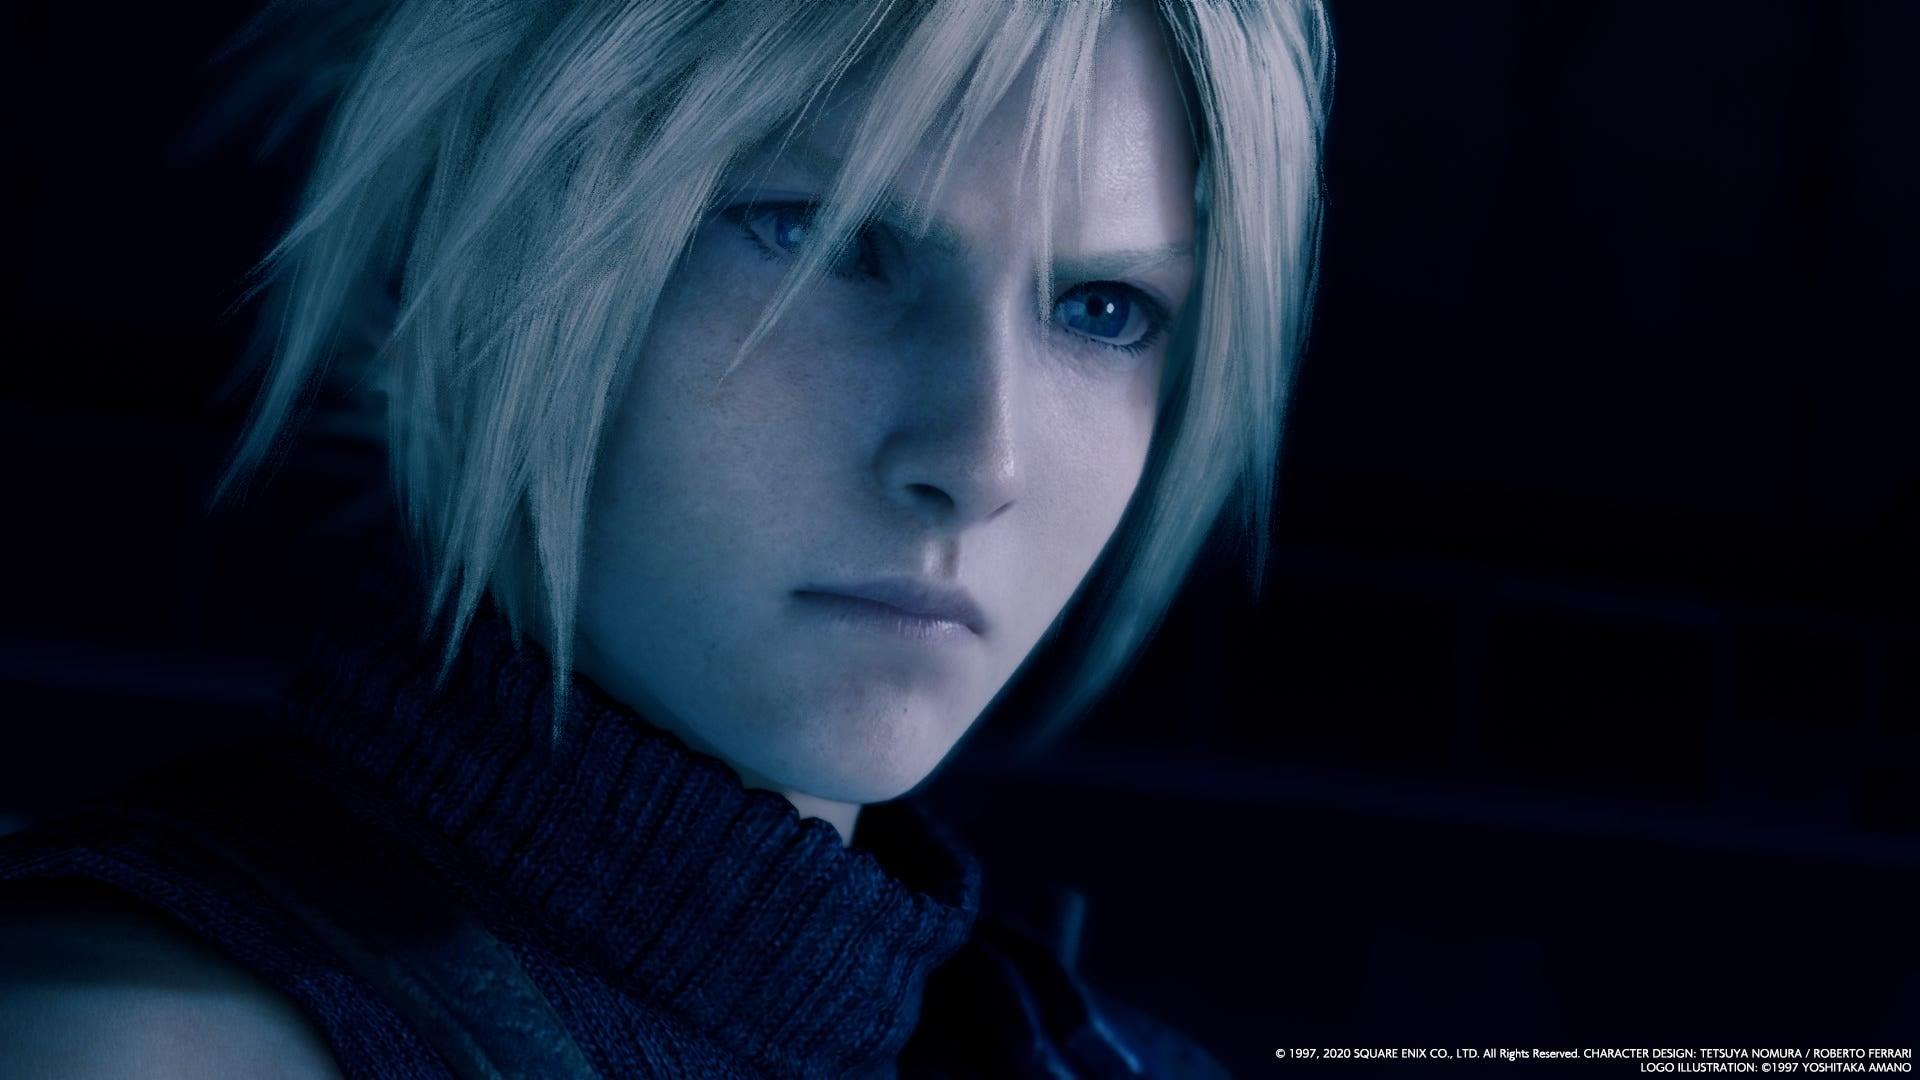 Let's Talk About Final Fantasy VII Remake's Mind-Boggling Ending